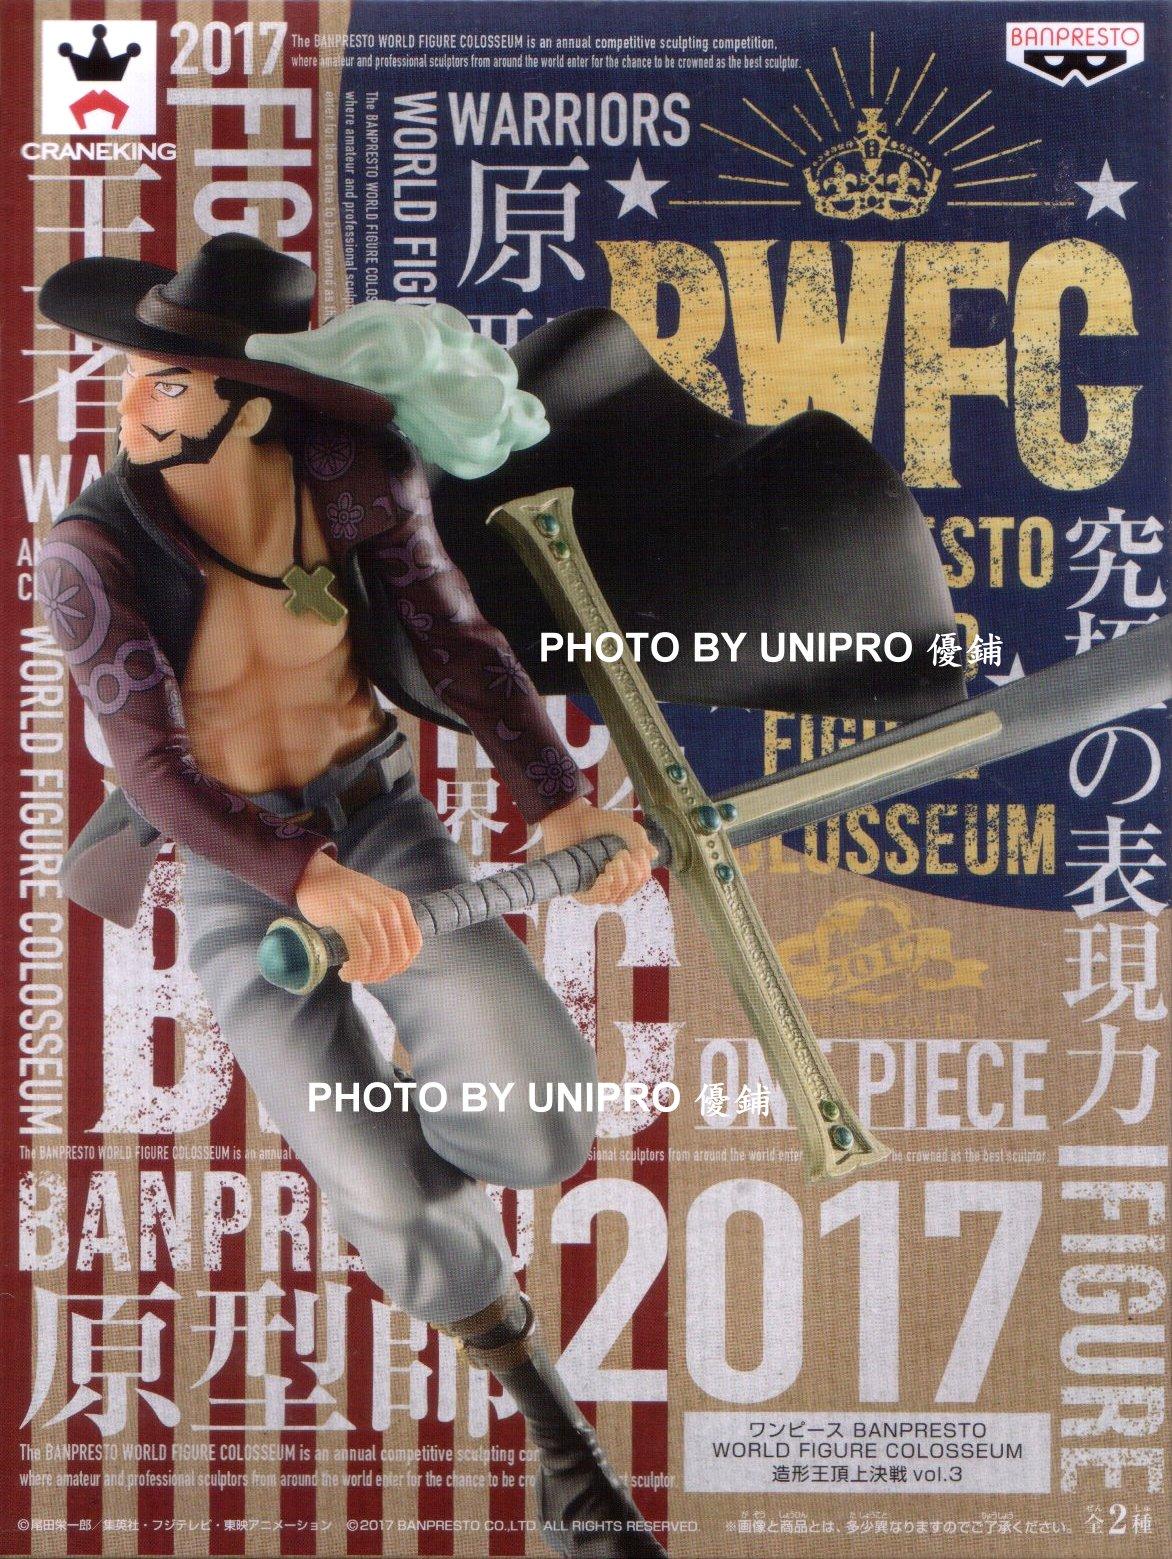 日版金證 BWFC 世界大賽 造形王頂上決戰 VOL.3 鷹眼 單售A款 BWFC WORLD FIGURE COLOSSEUM 海賊王 公仔